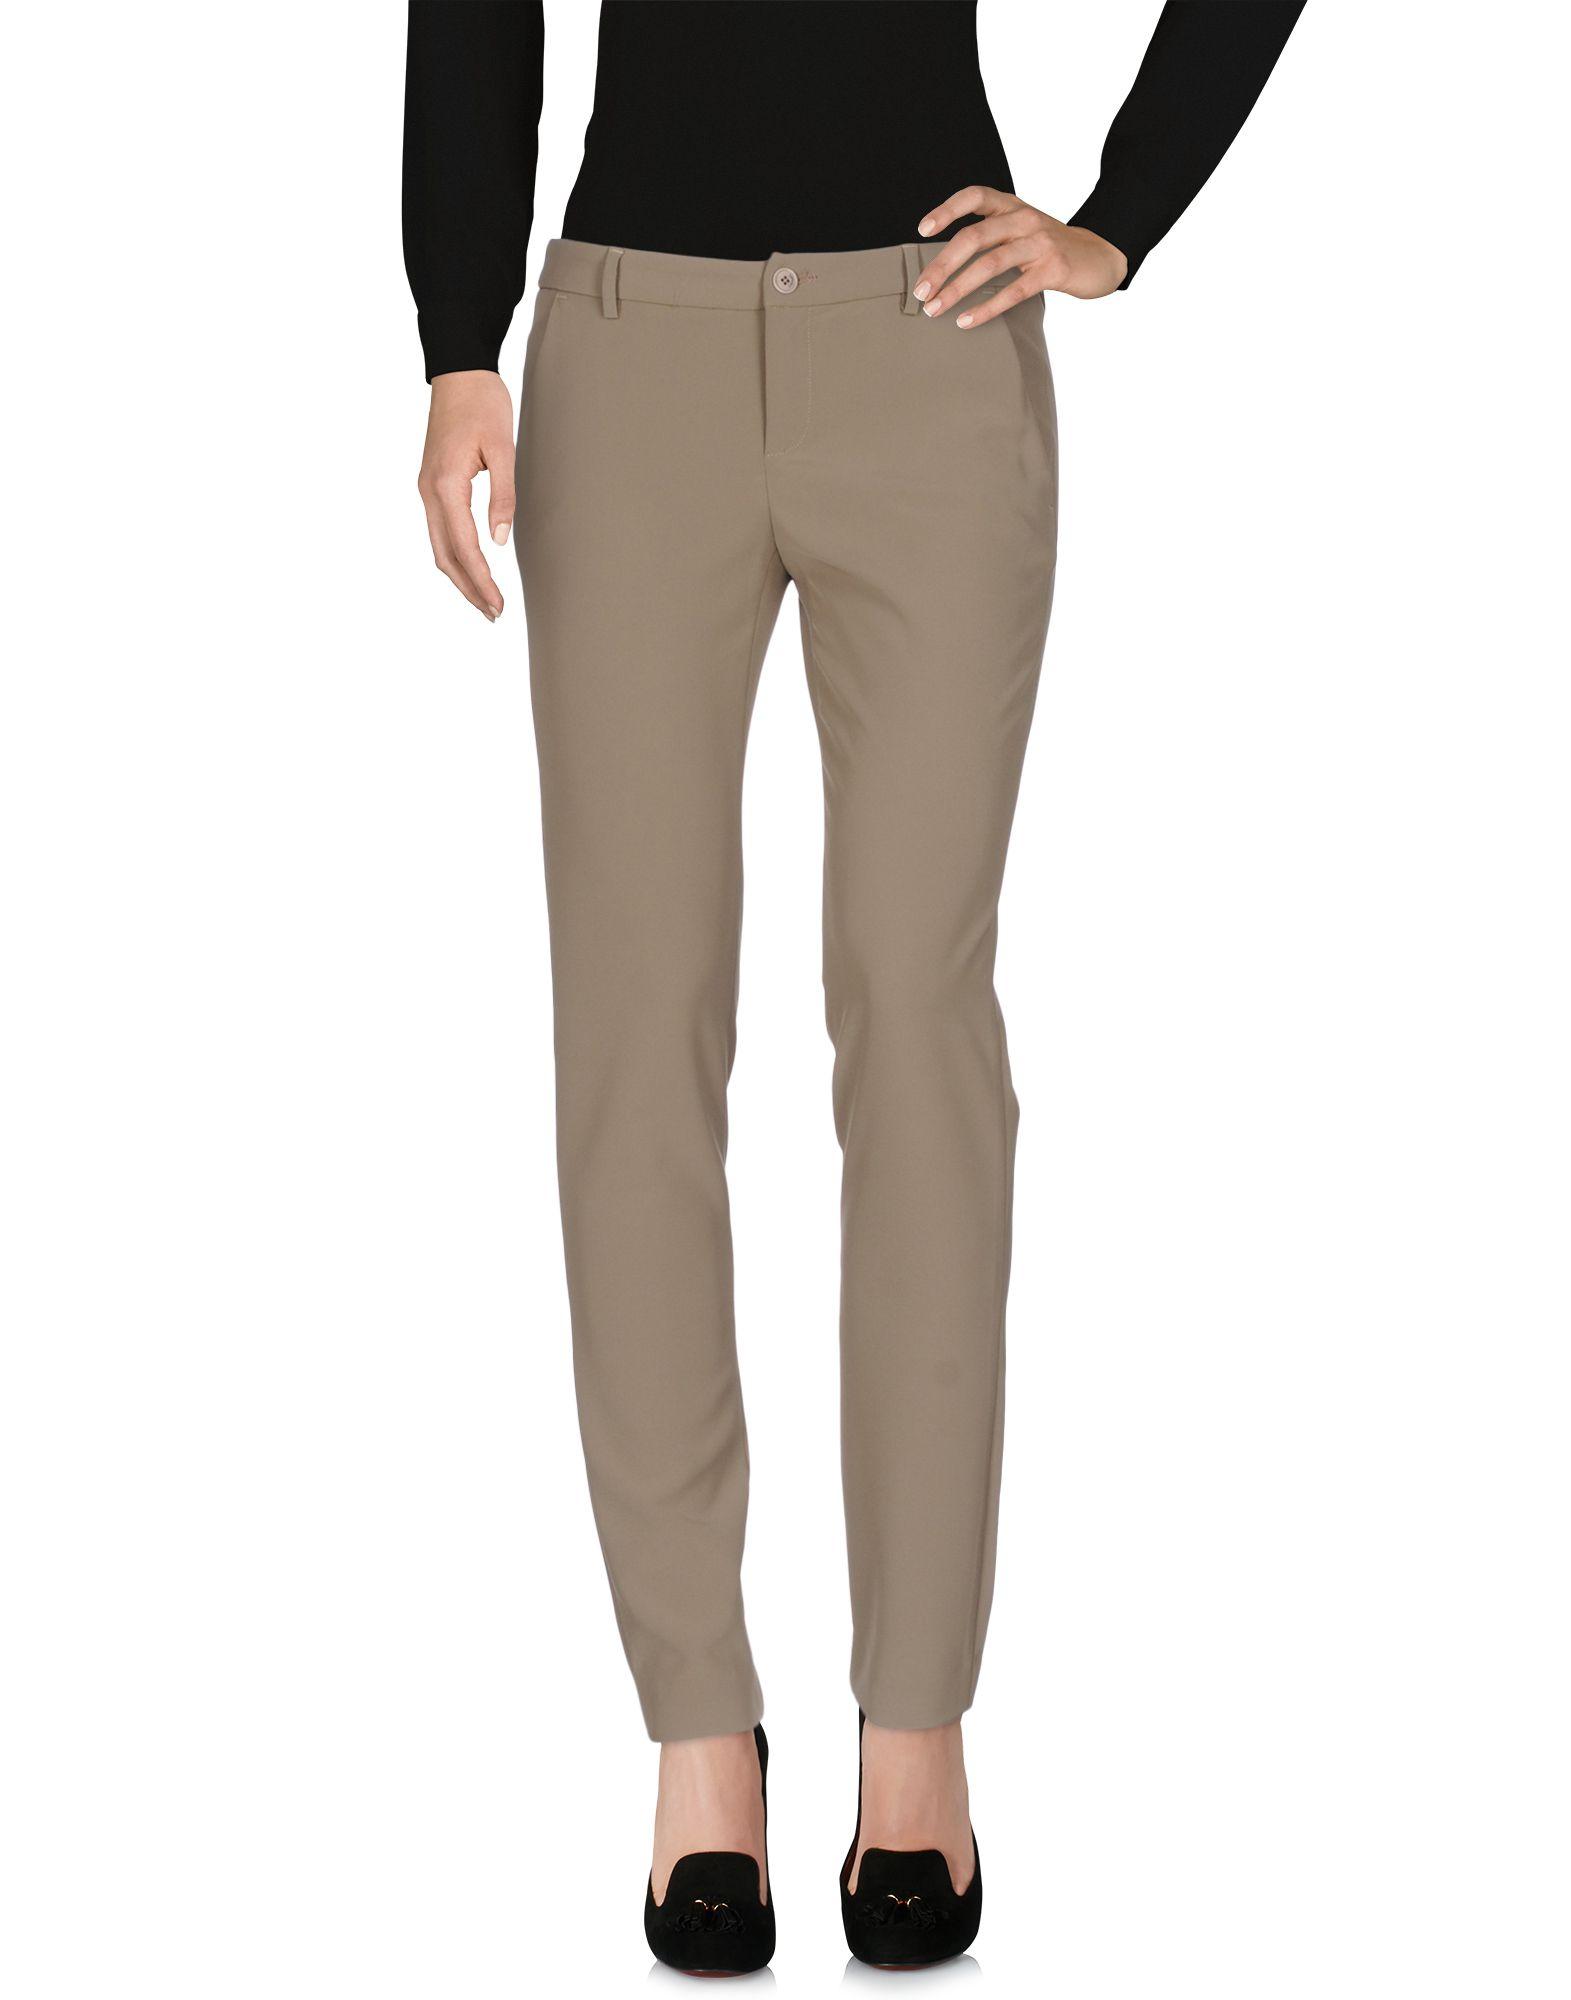 Pantalone Liu •Jo donna donna donna - 13056790XA 0b1